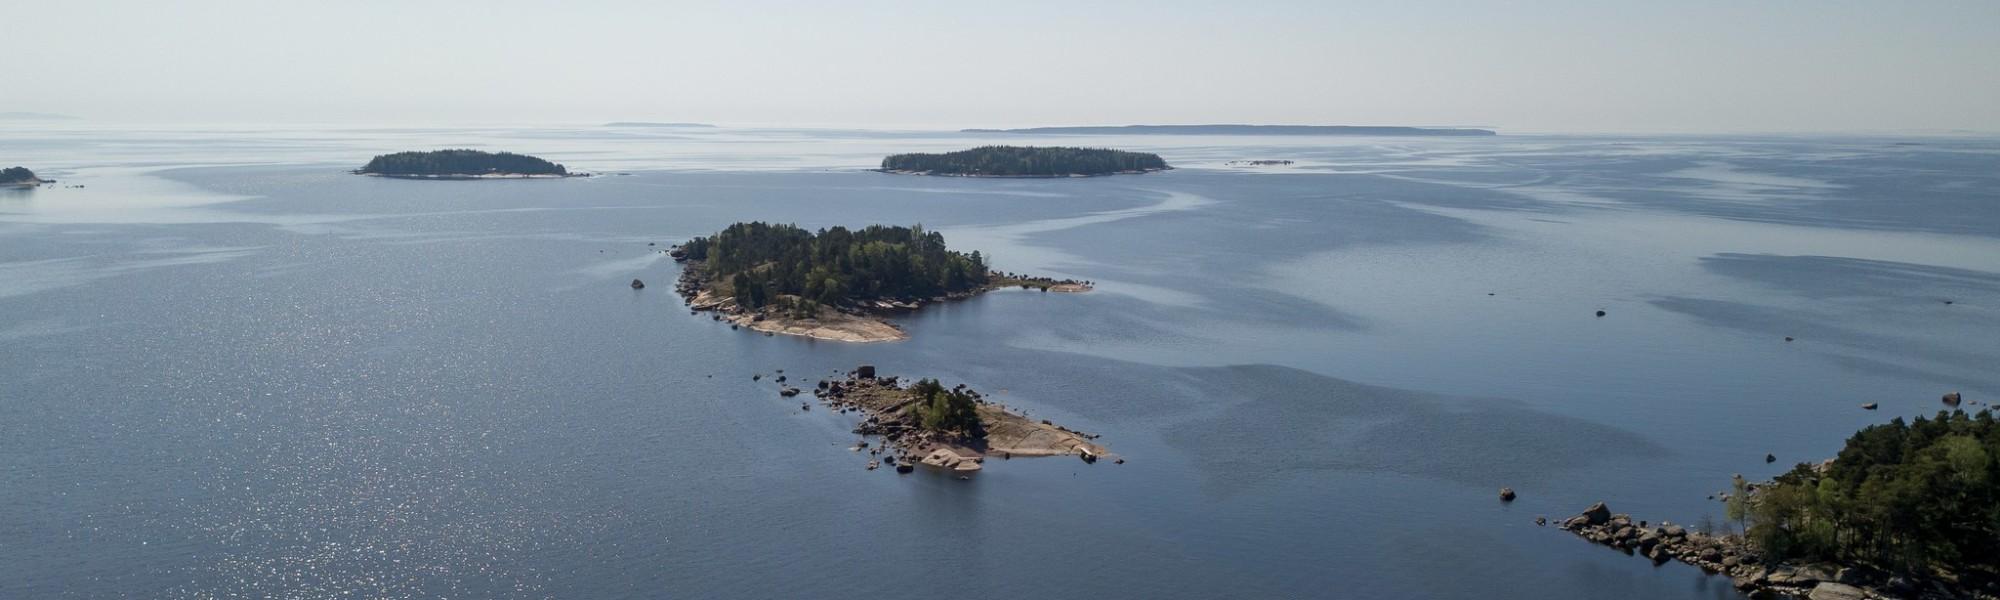 Ilmakuva merelle päin, näkyy pieniä saaria